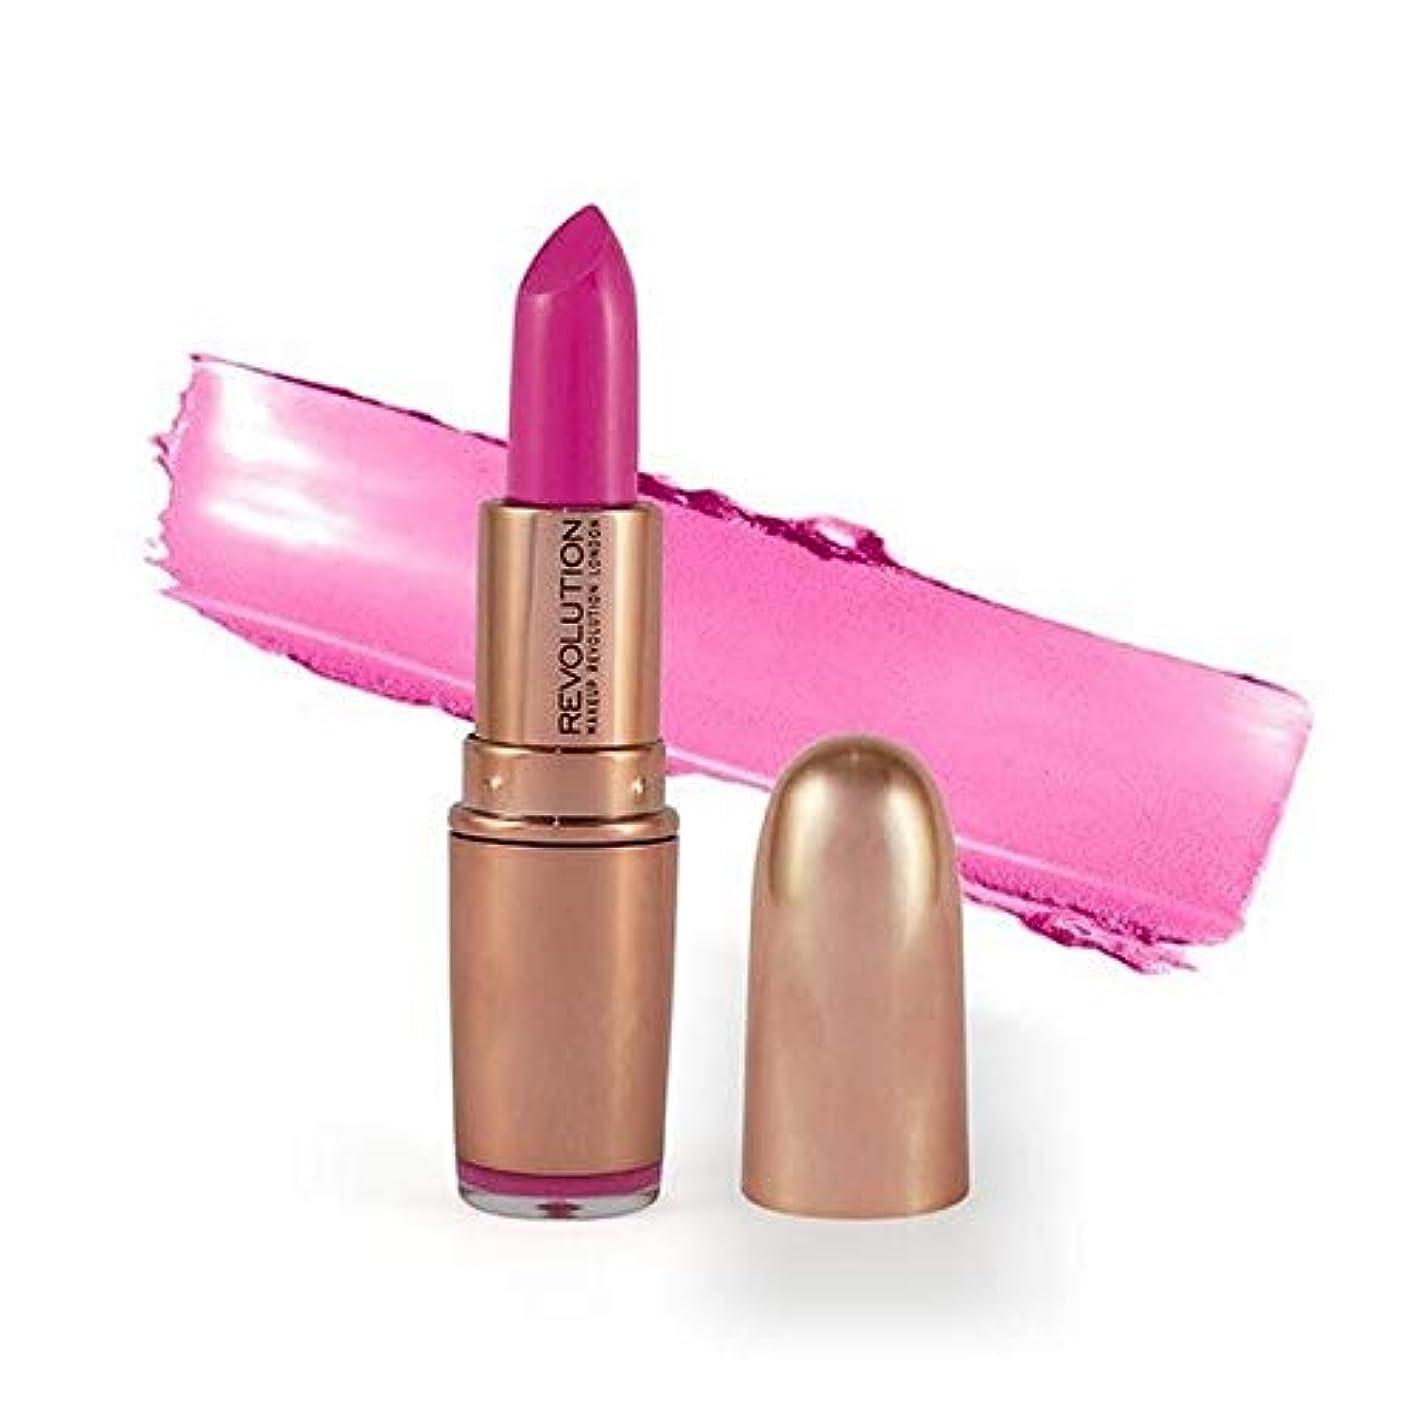 持続する急ぐウェイド[Revolution ] 女の子の親友 - 革命は金の口紅をバラ - Revolution Rose Gold Lipstick - Girls Best Friend [並行輸入品]